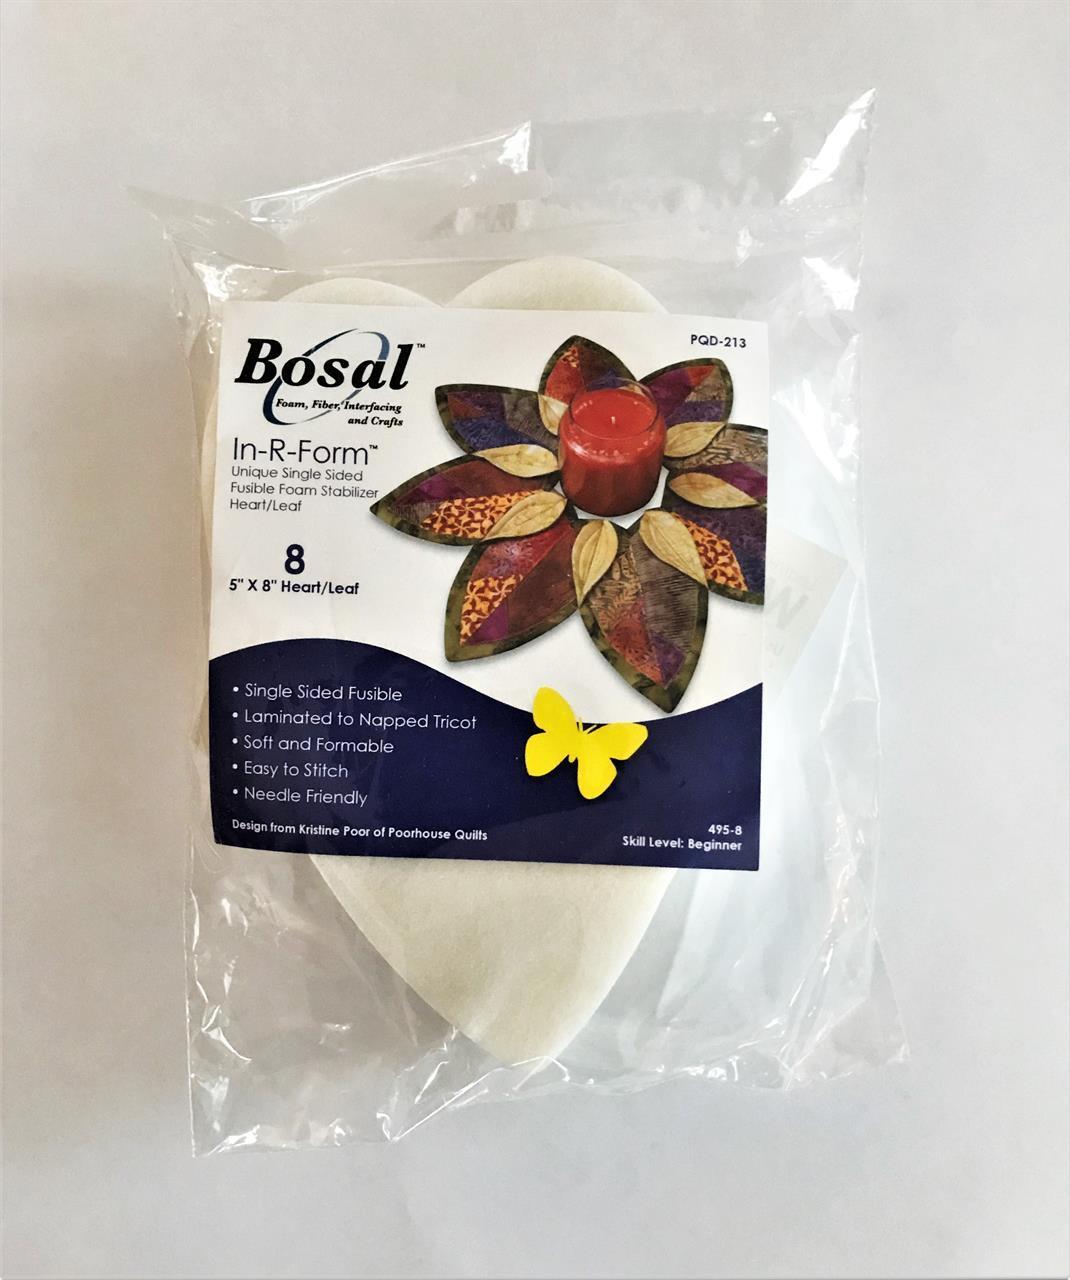 Bosal In-R-Form, Heart/Leaf